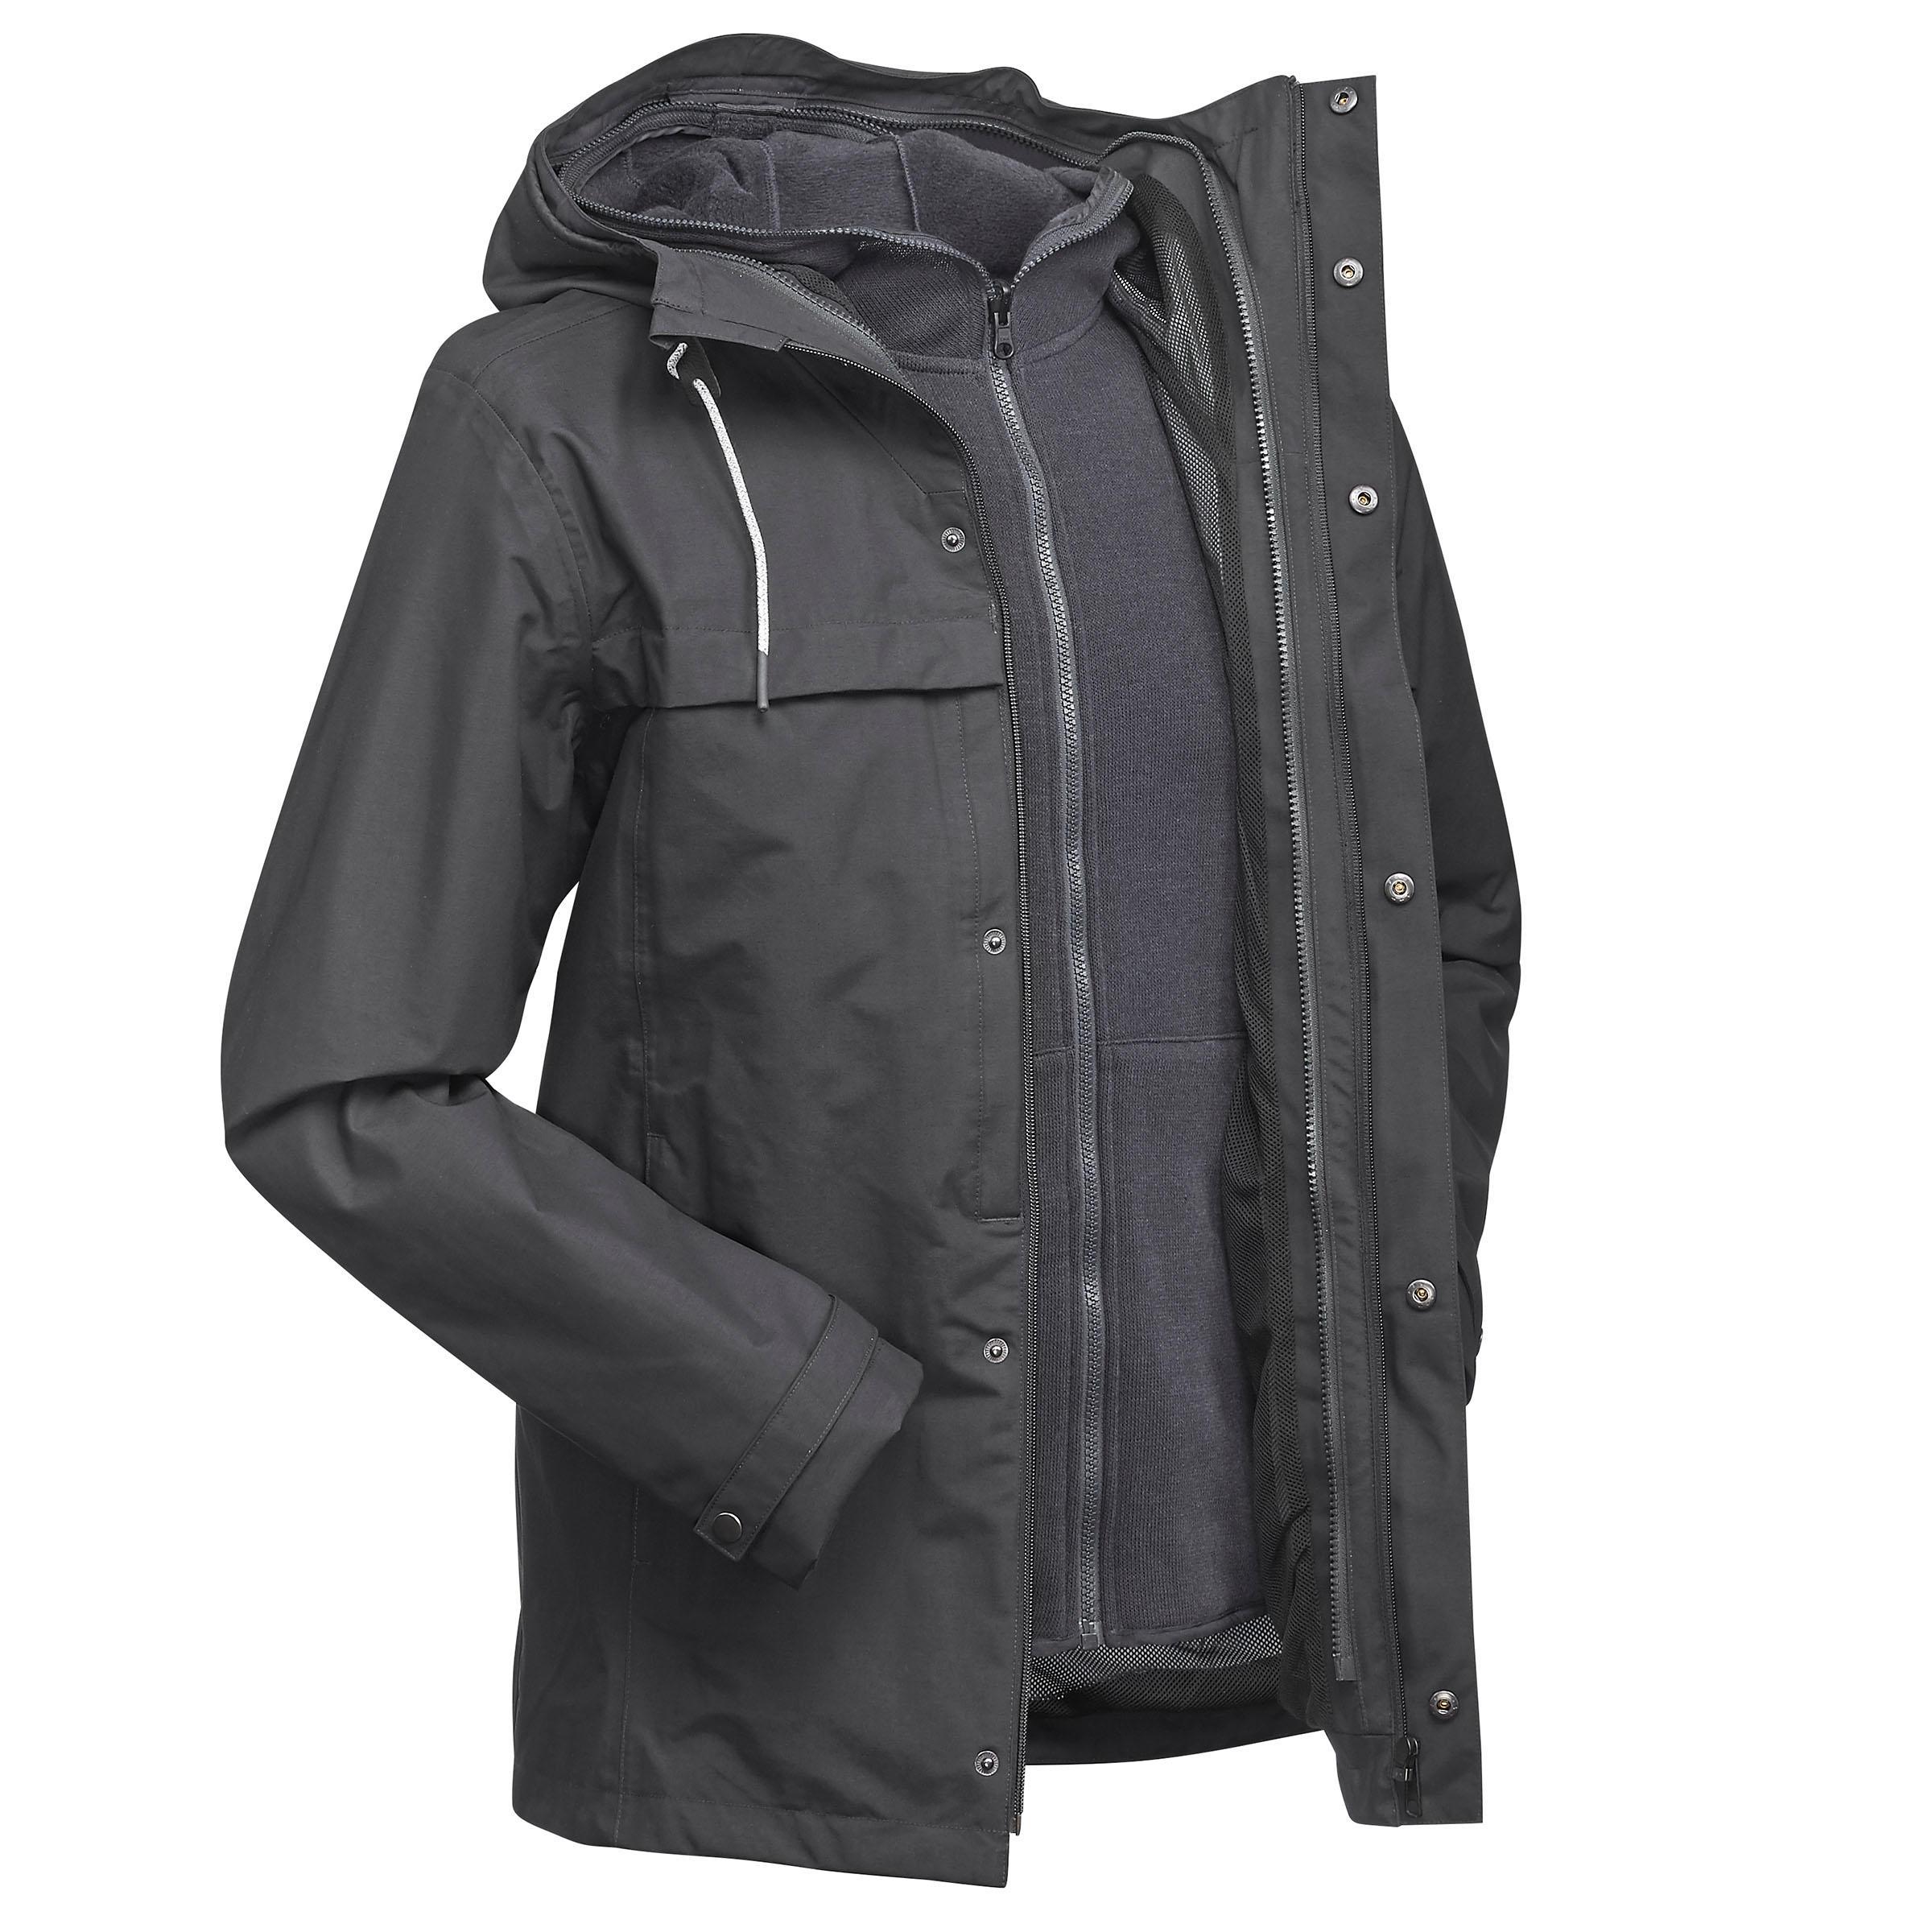 Travel 100 Men's 3-in-1 Trekking Travel Jacket - Grey